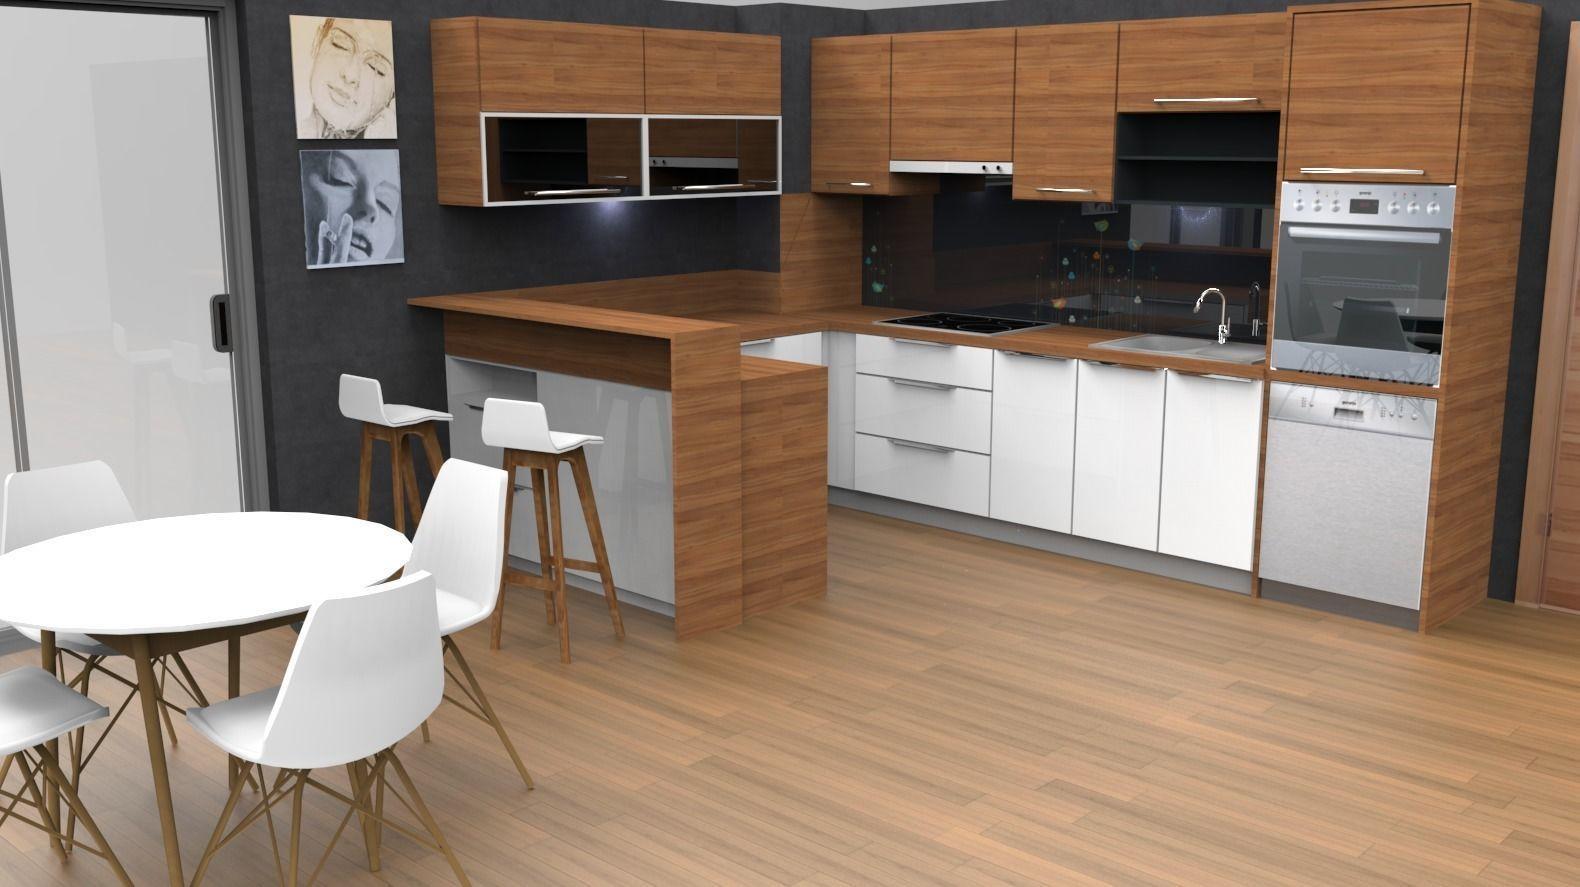 3D asset modern kitchen design with island | CGTrader on Model Kitchen Design  id=17831